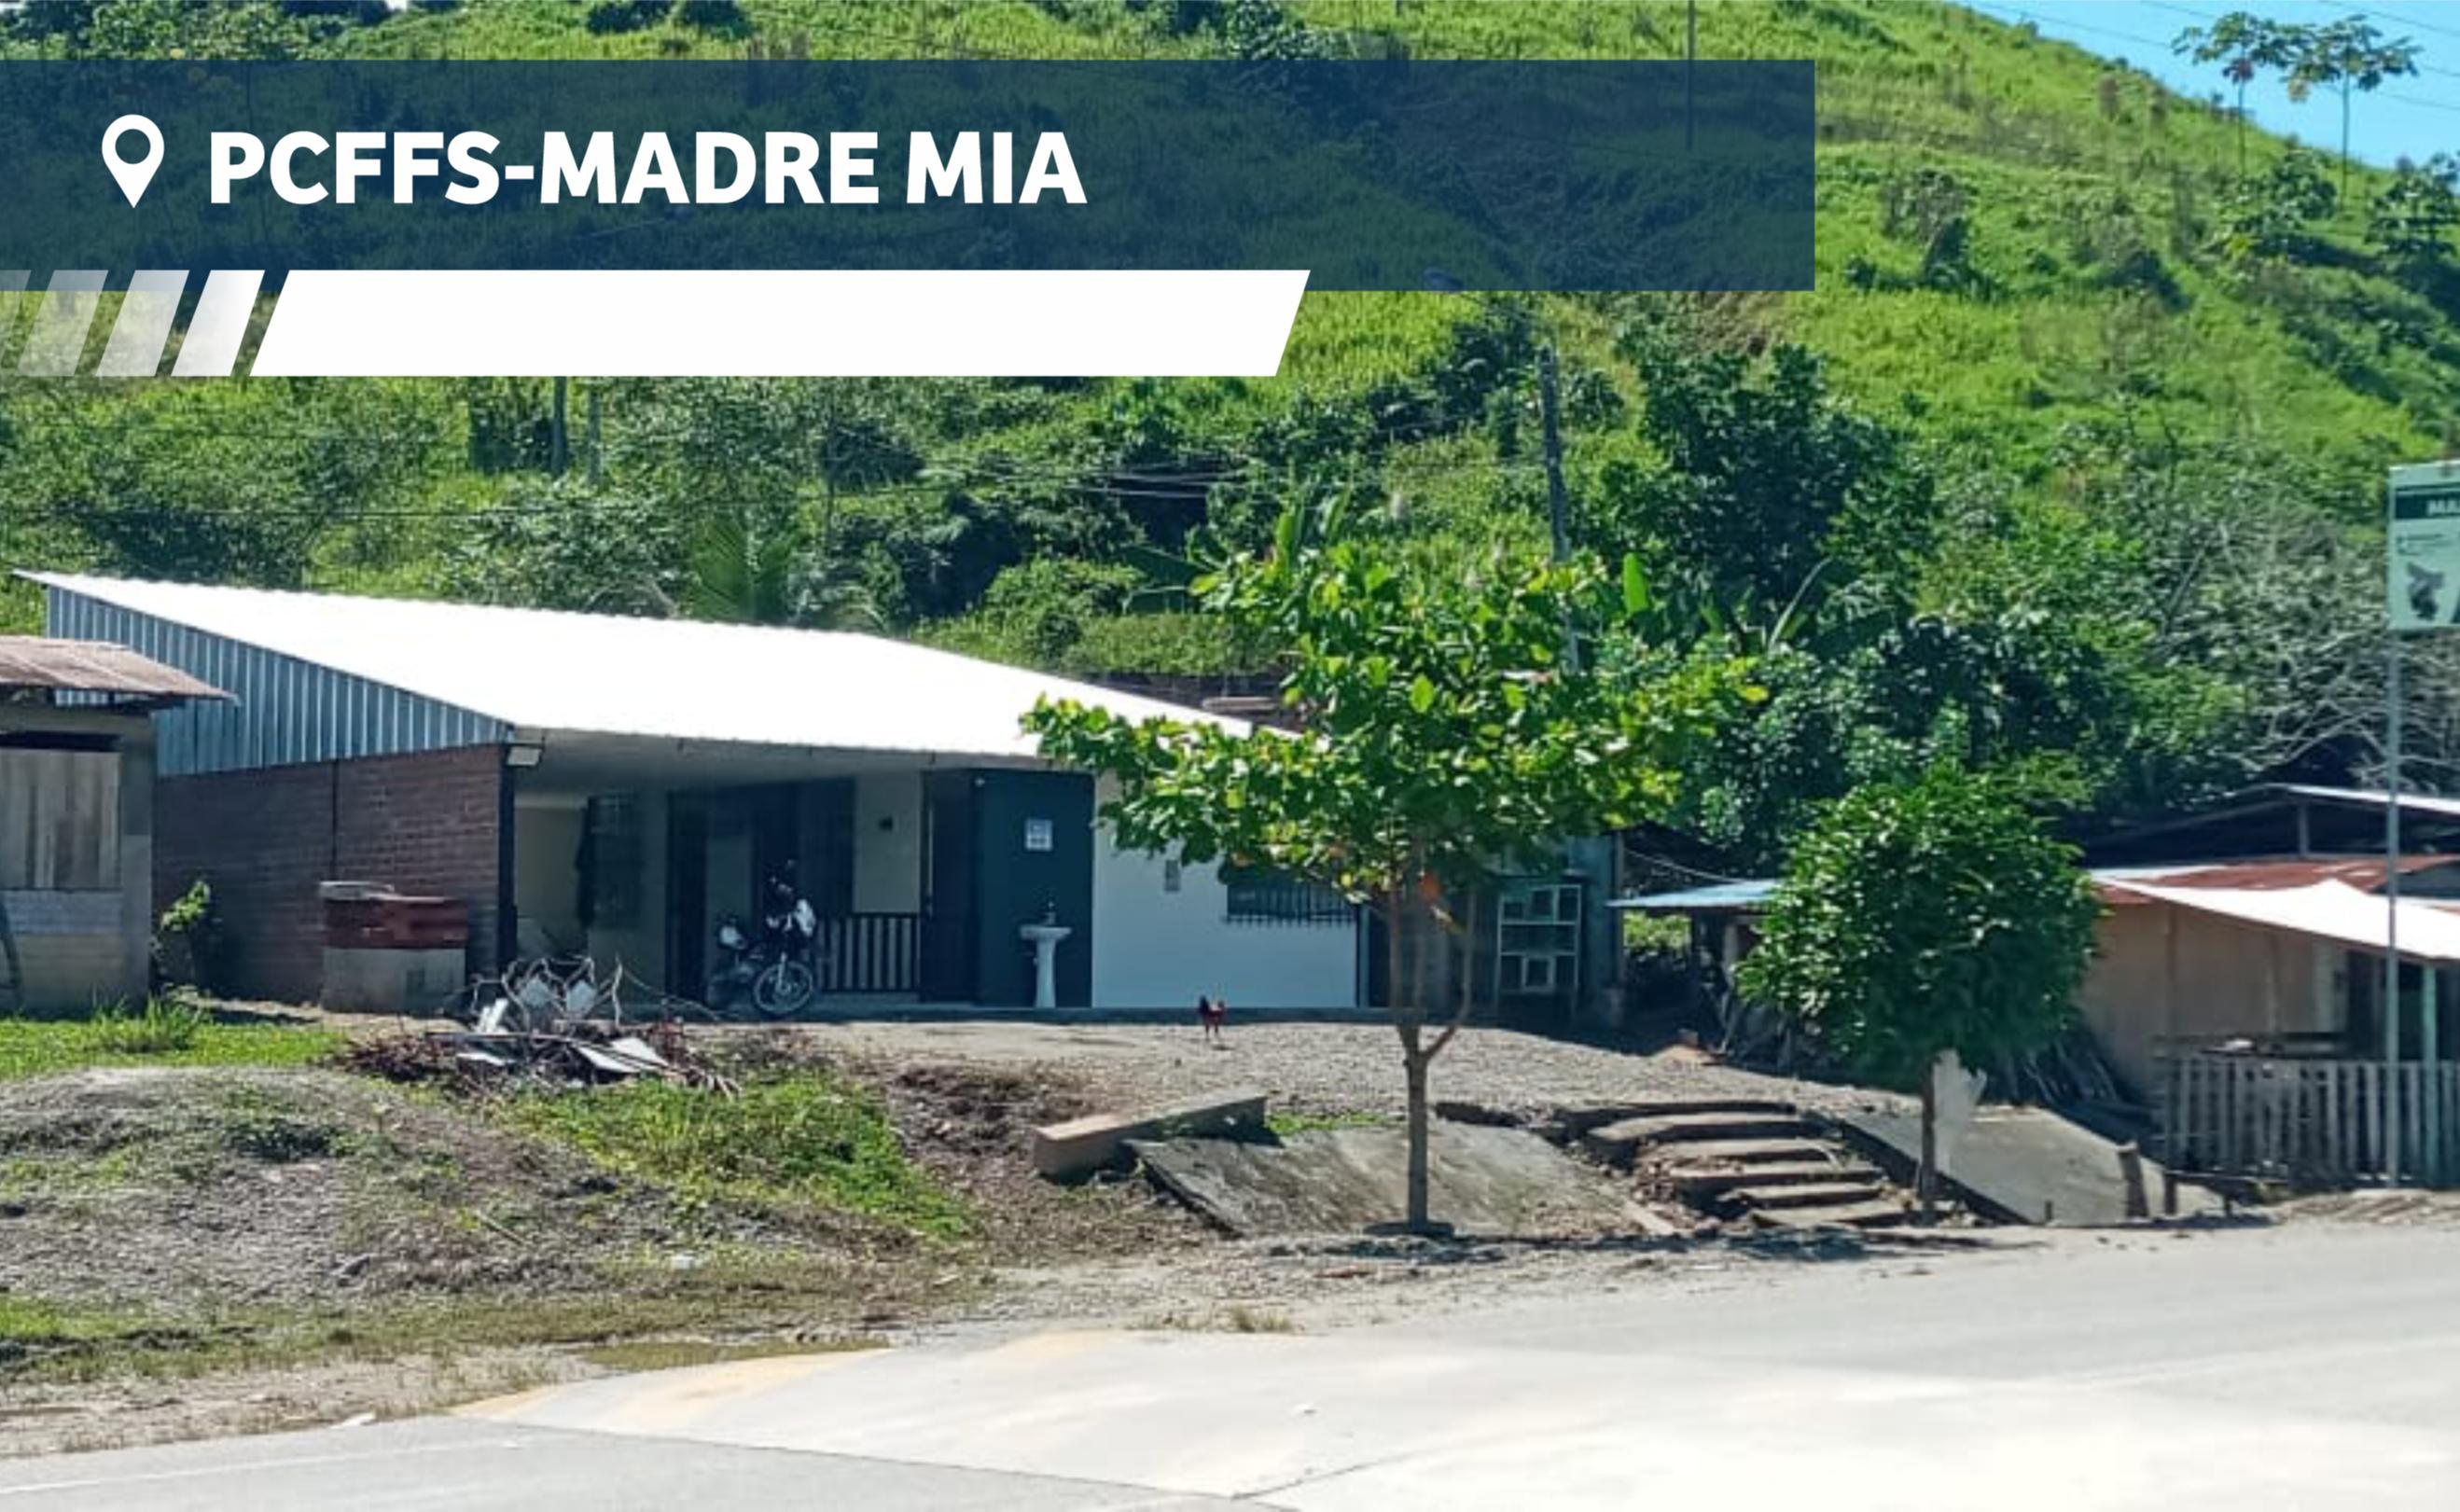 PUESTO DE CONTROL FORESTAL Y FAUNA SILVESTRE - MADRE MÍA